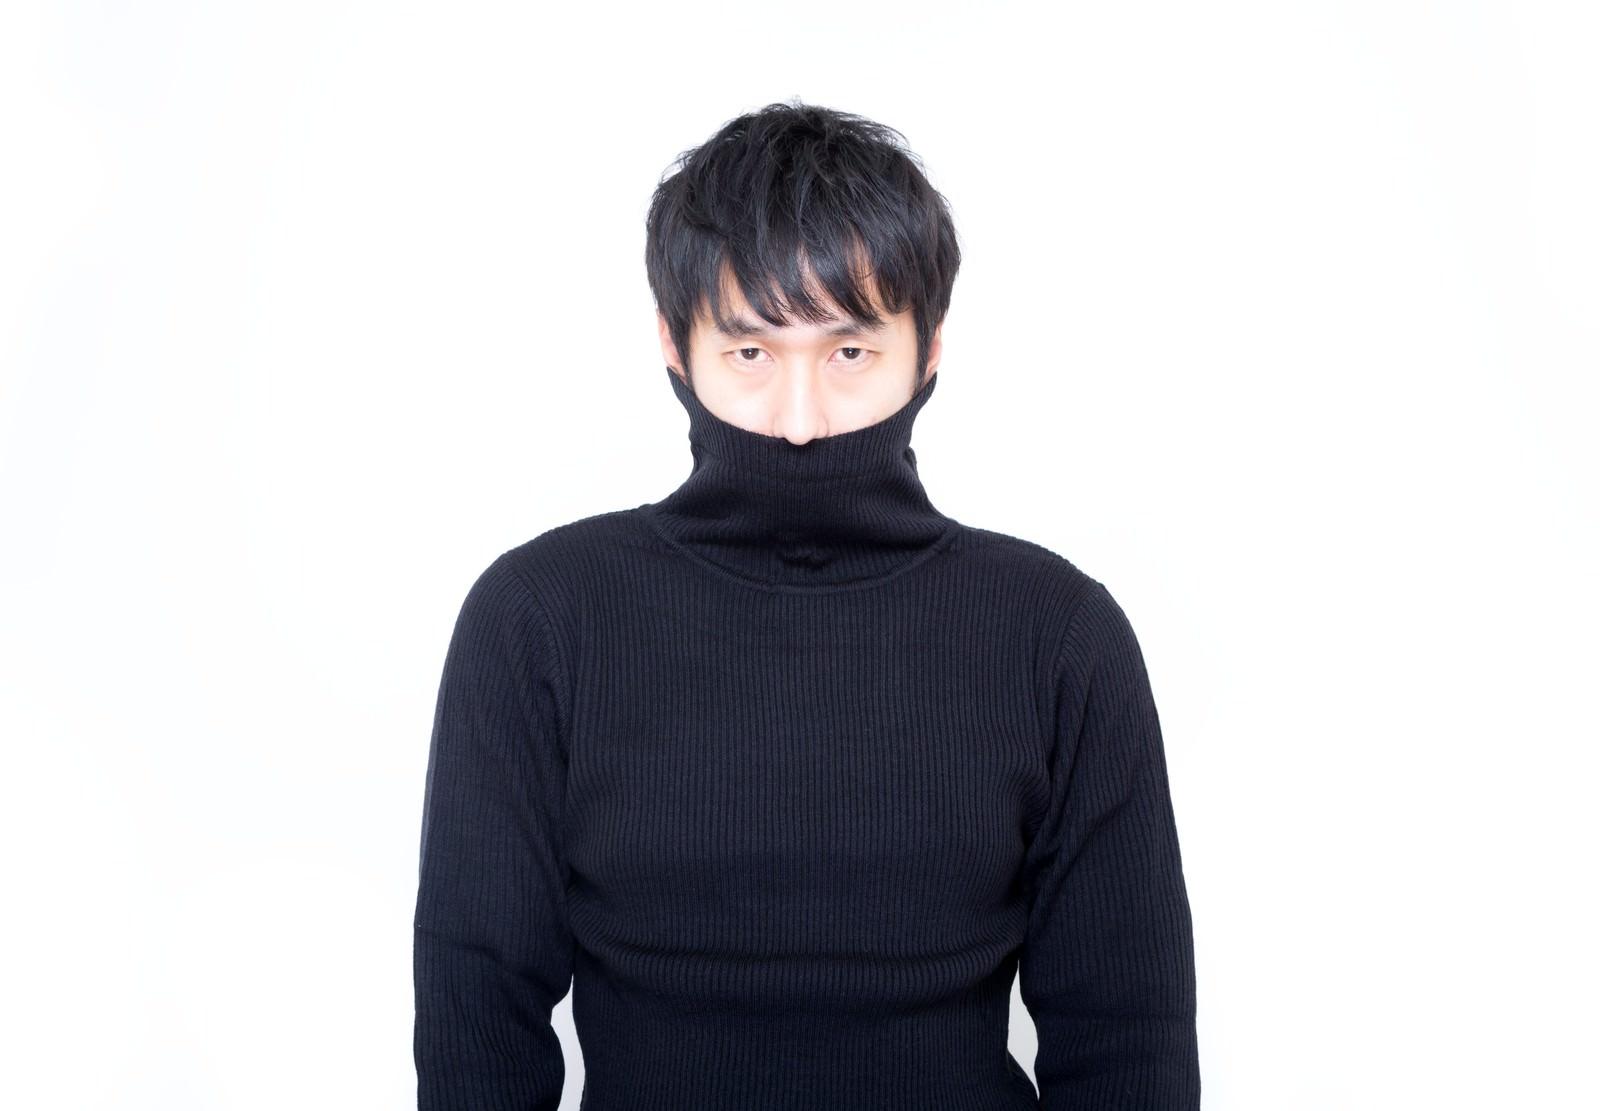 「口元を隠し、上忍気取りのタートルネック男子」の写真[モデル:大川竜弥]